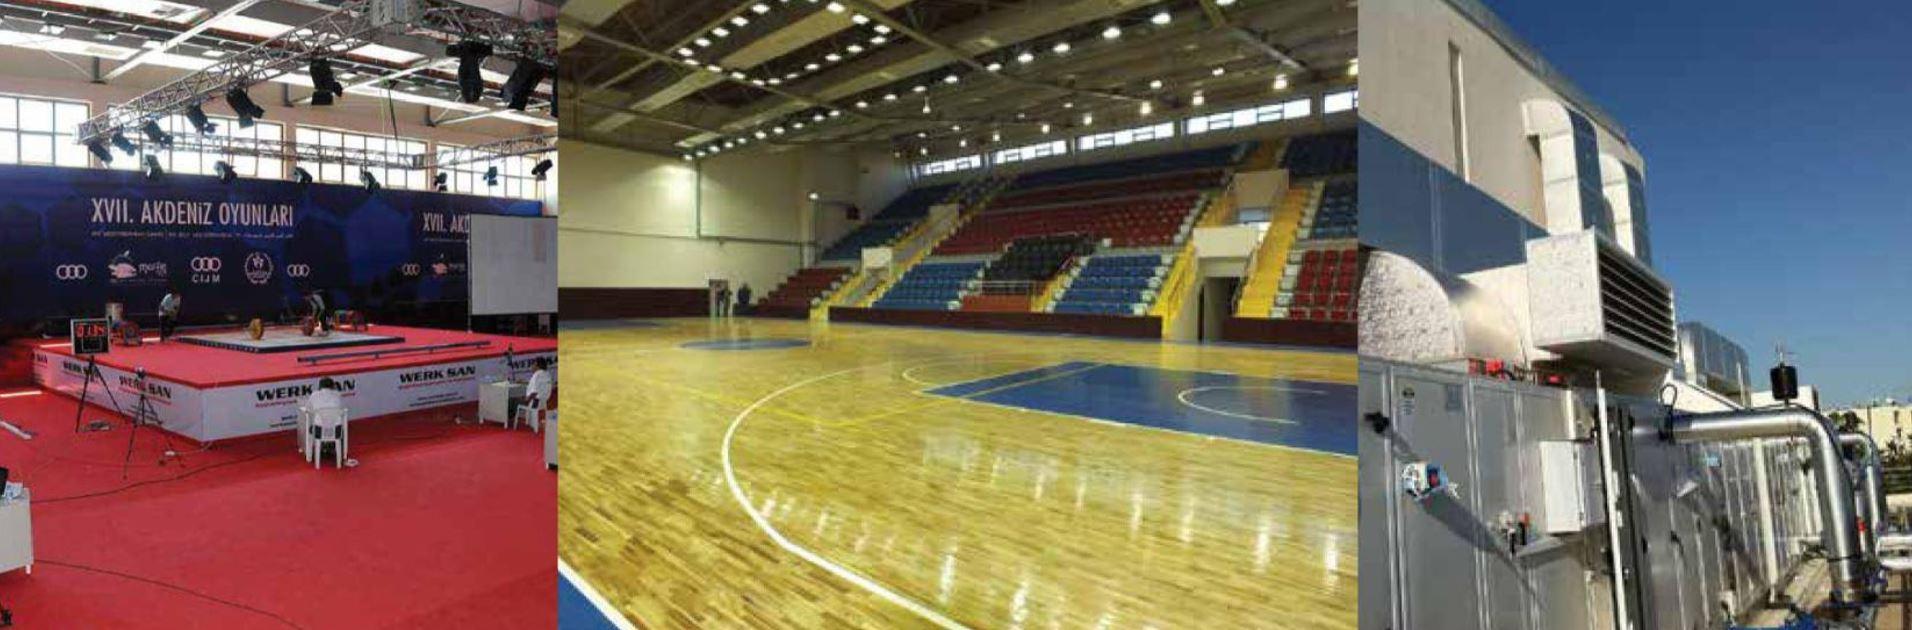 Erdemli Spor Salonu İnşaatı